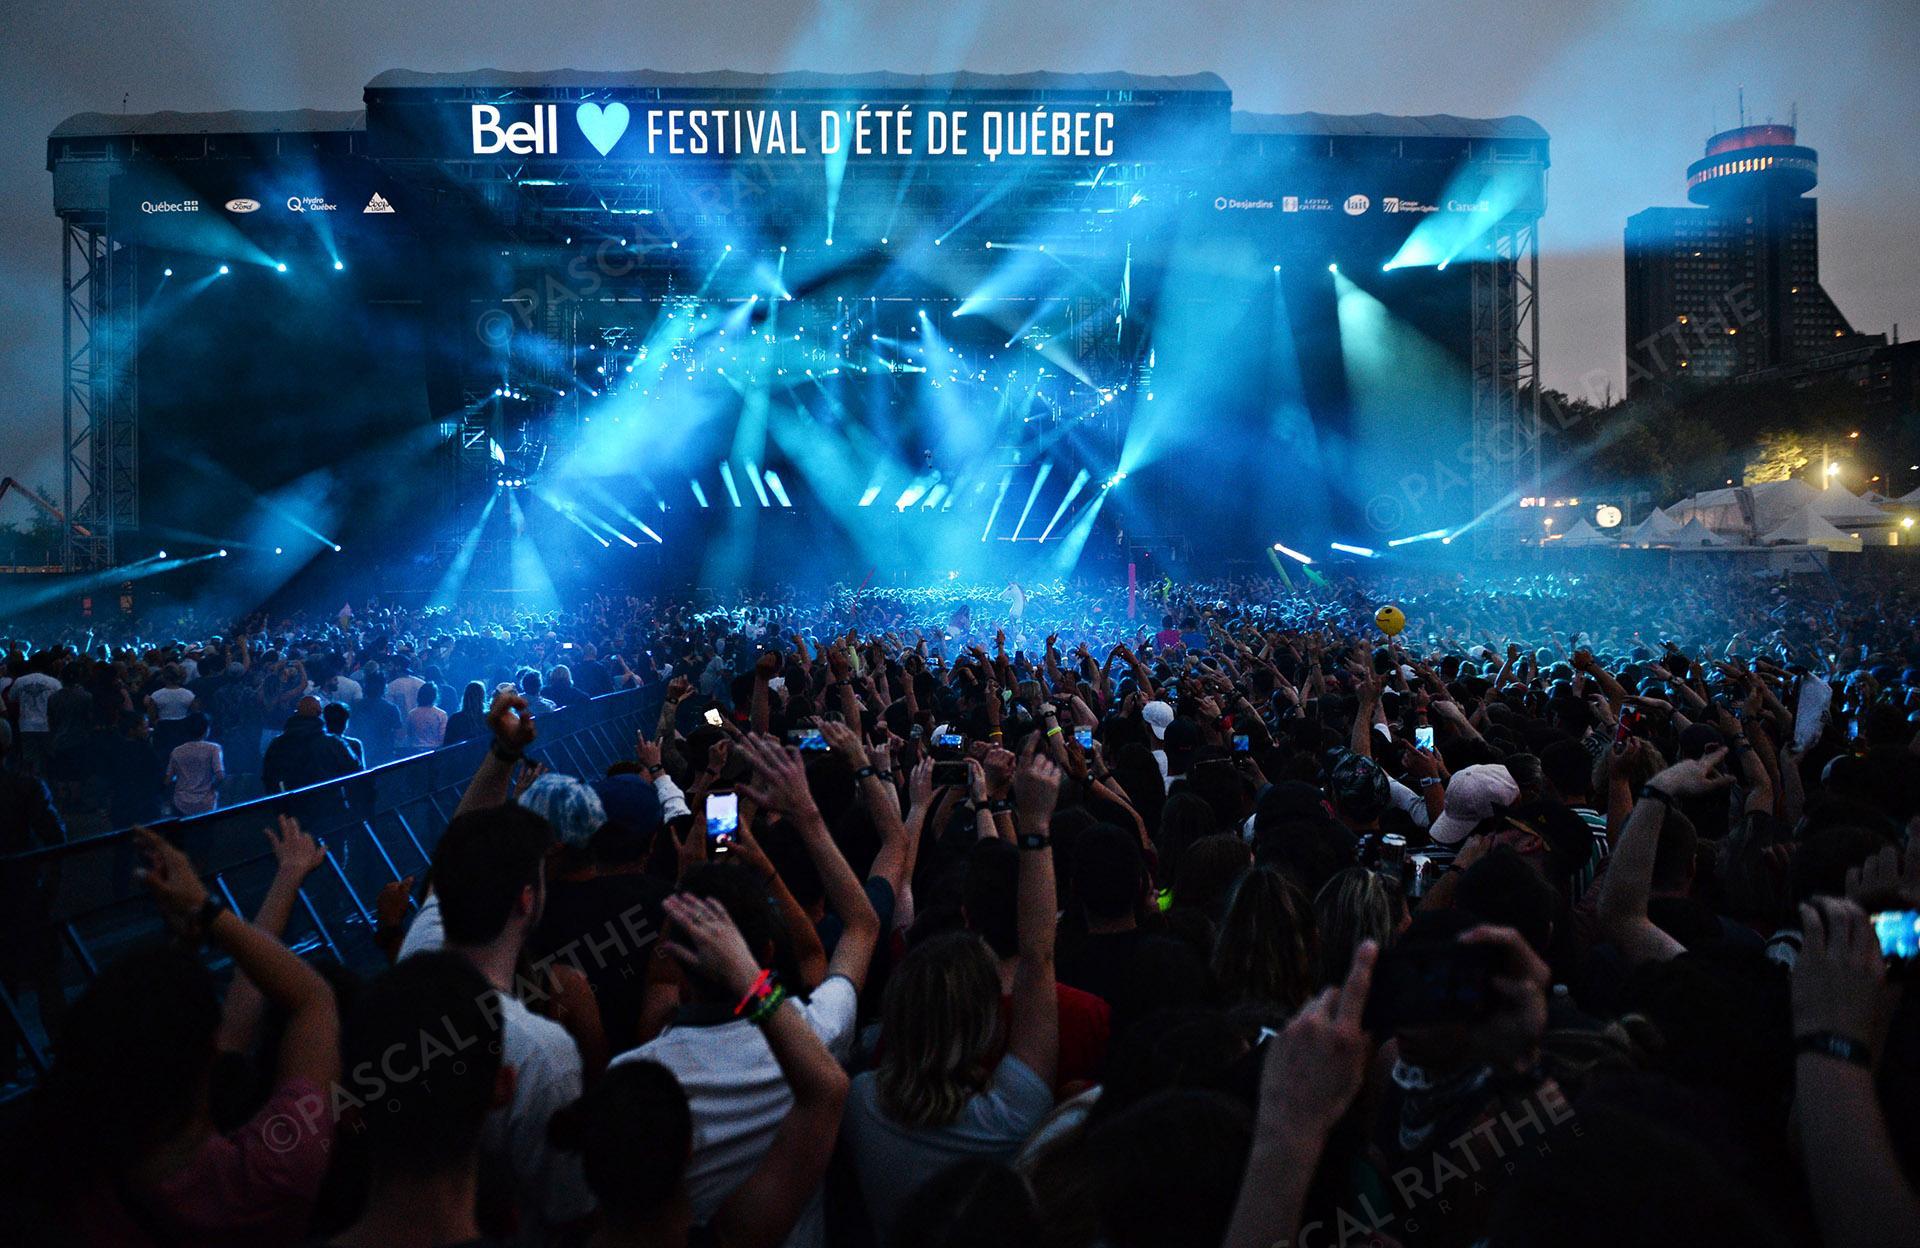 la foule durant le festival d'été 2019 à Québec